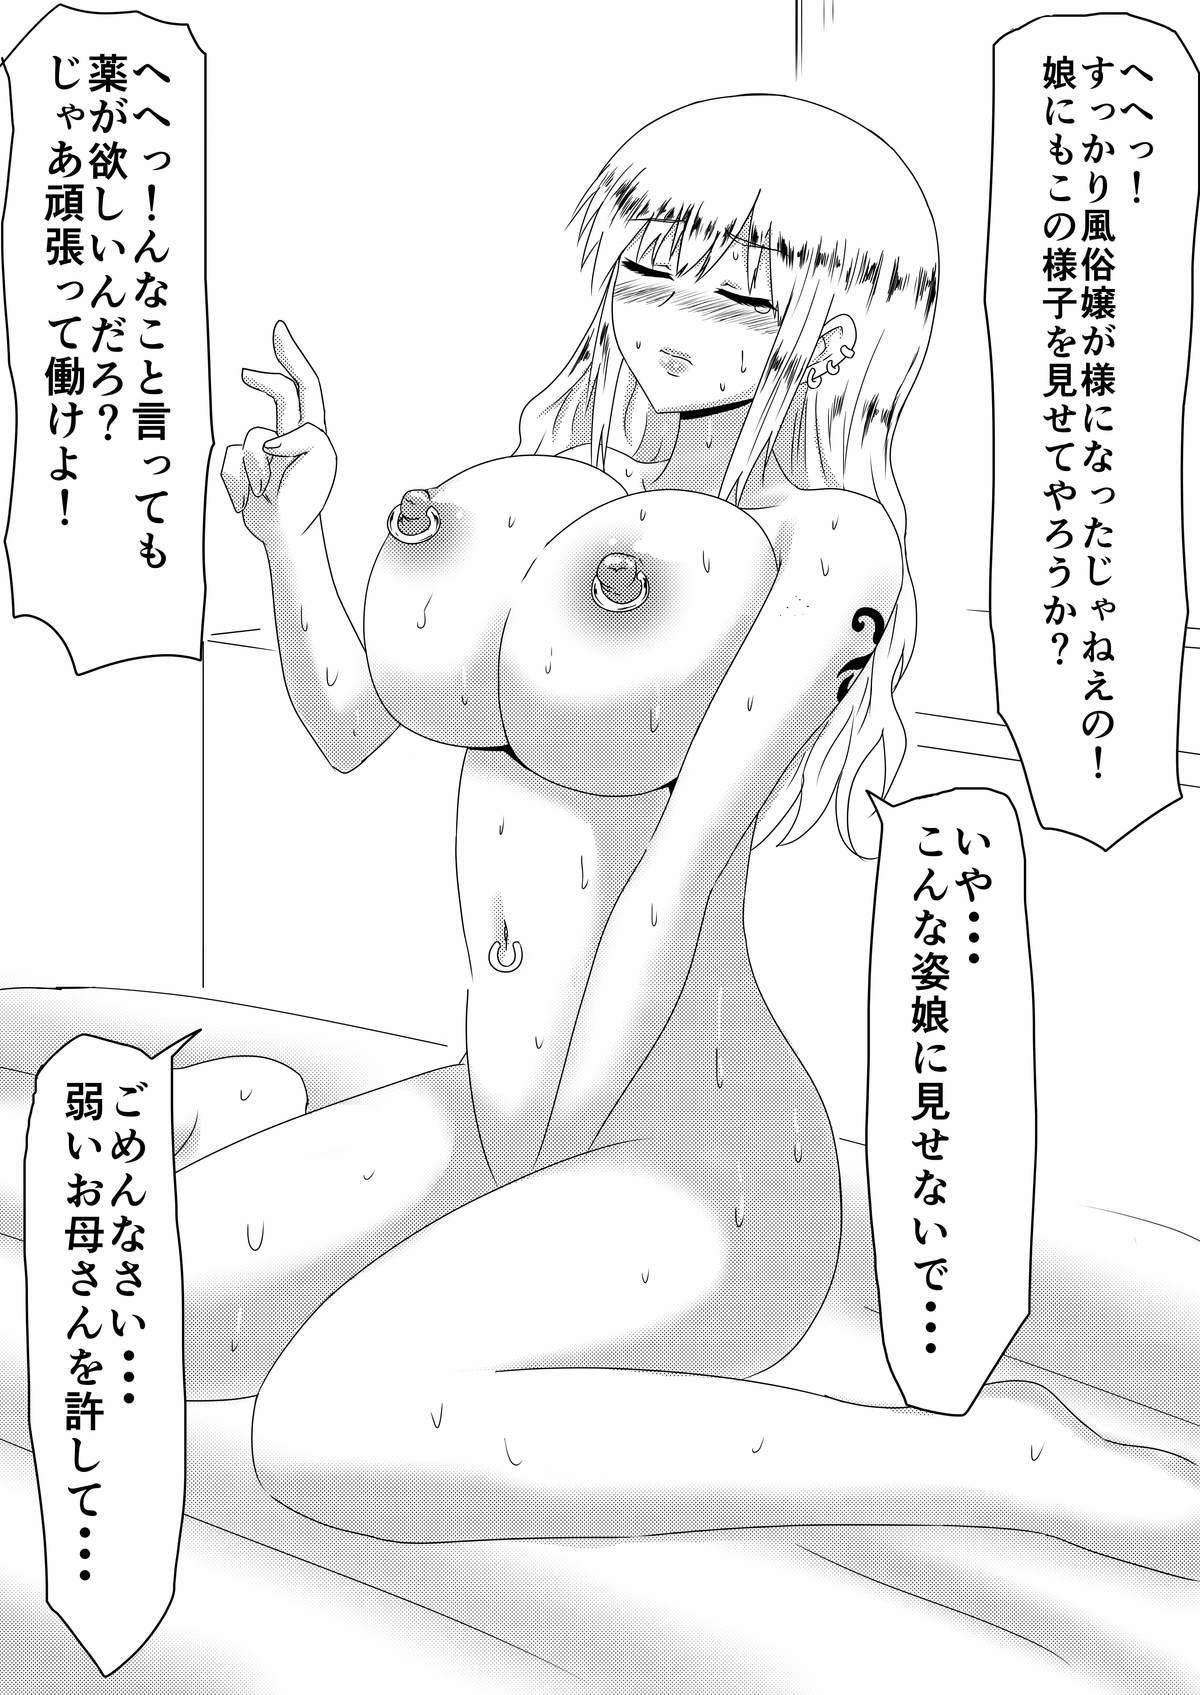 [Mikezoutei] Mashou no Chinko o Motsu Shounen ~Kare no Dankon wa Josei o Mesu e to Kaeru~ Zenpen 91